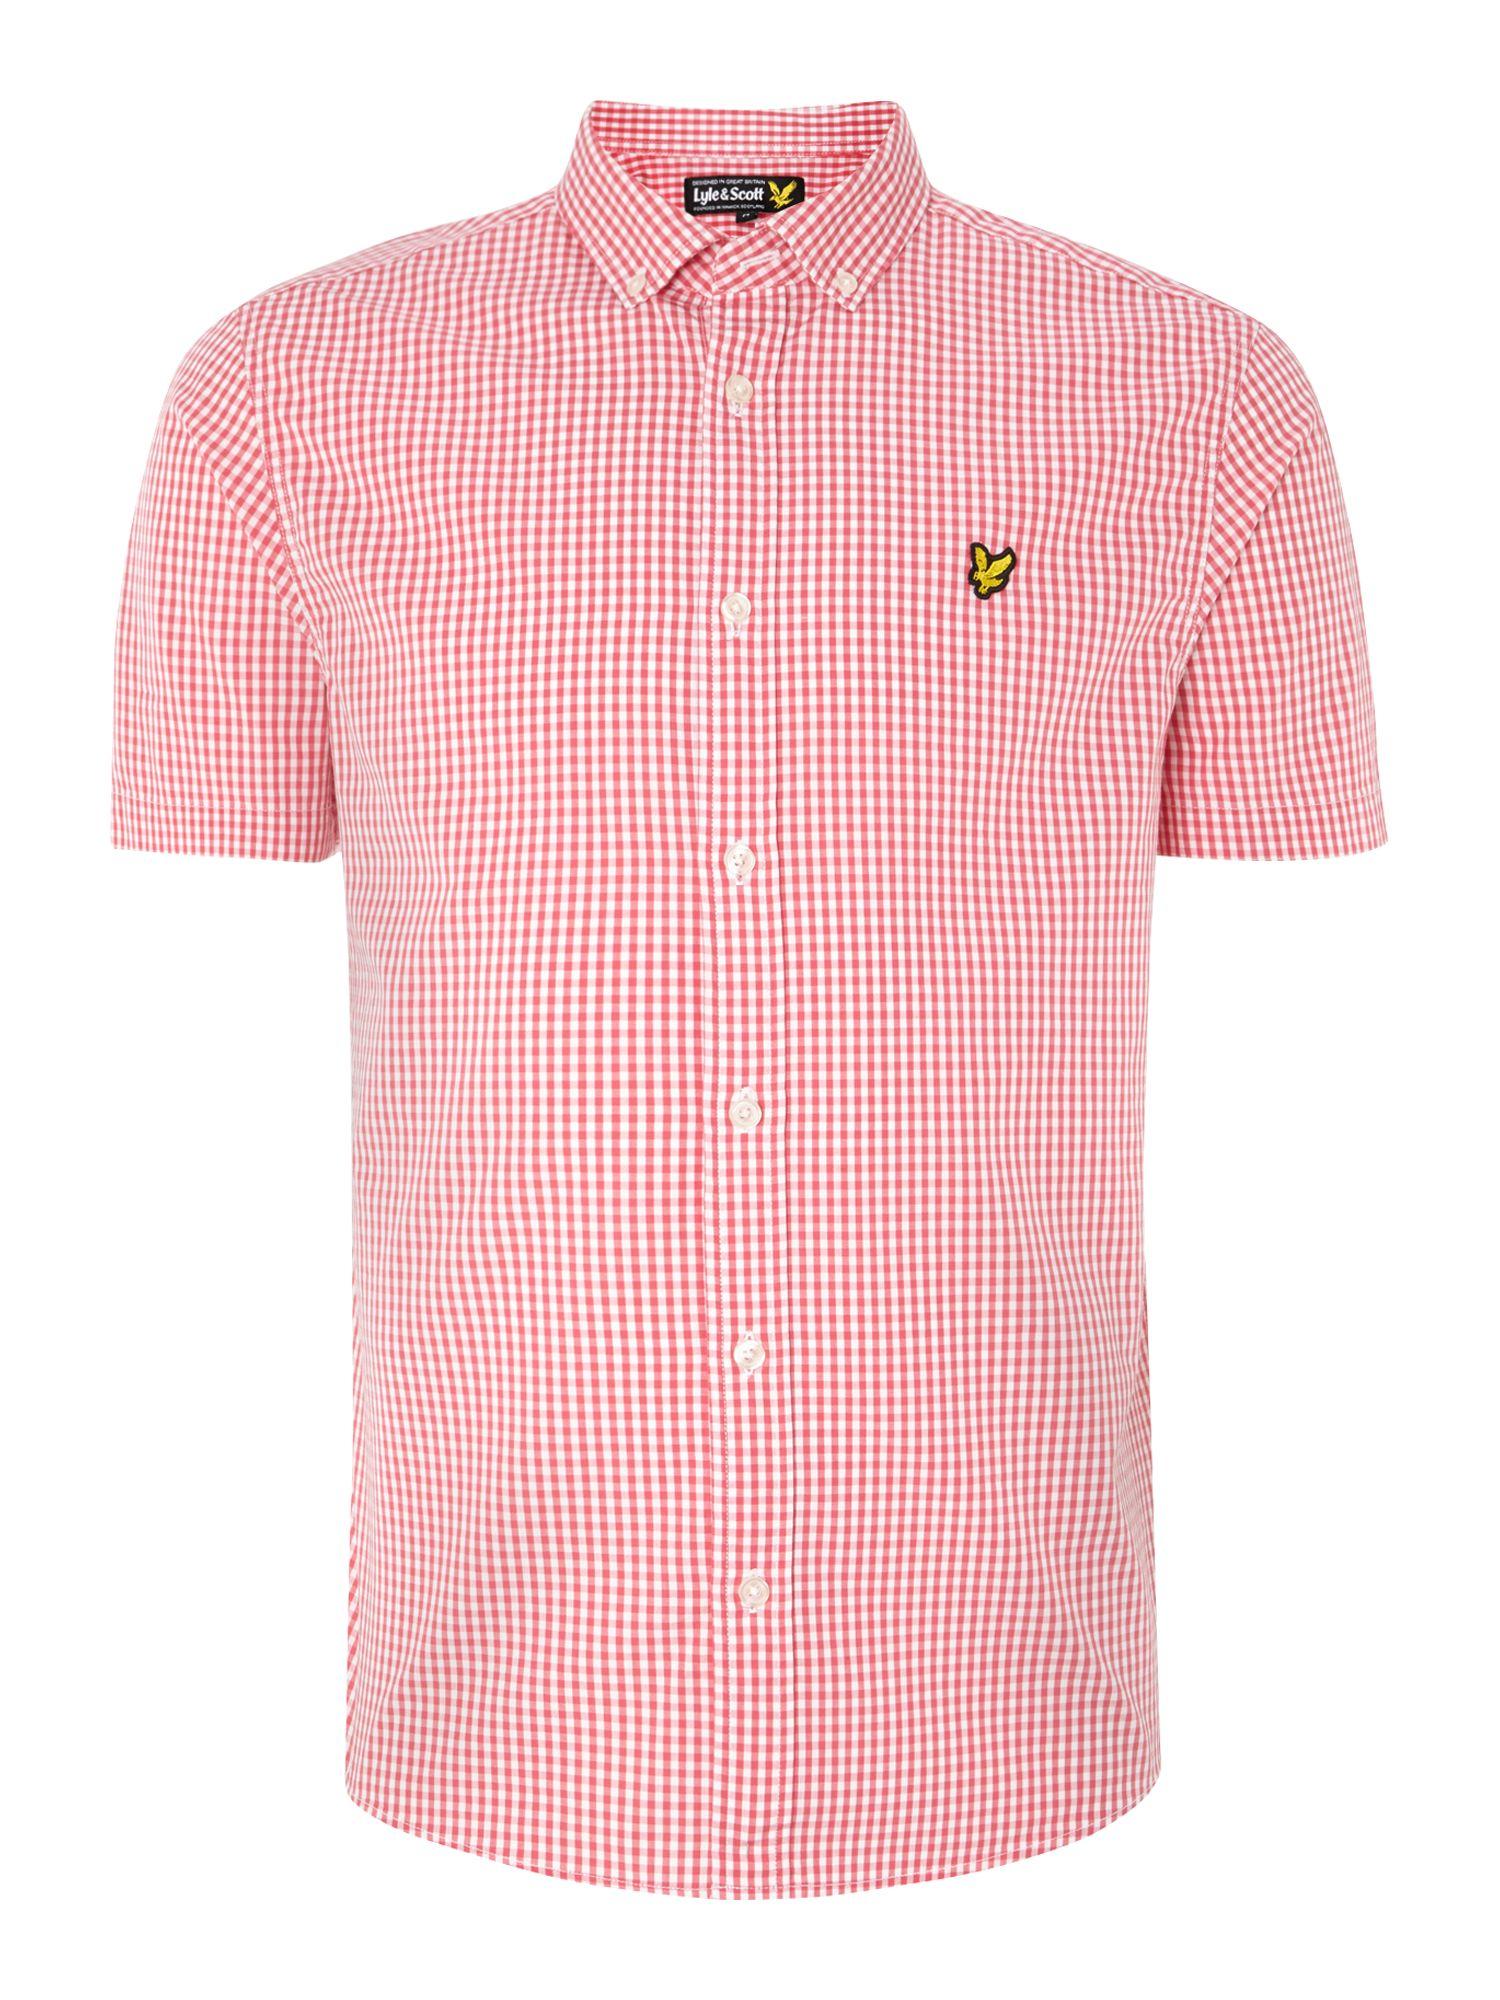 Lyle Scott Short Sleeve Gingham Shirt In Red For Men Lyst